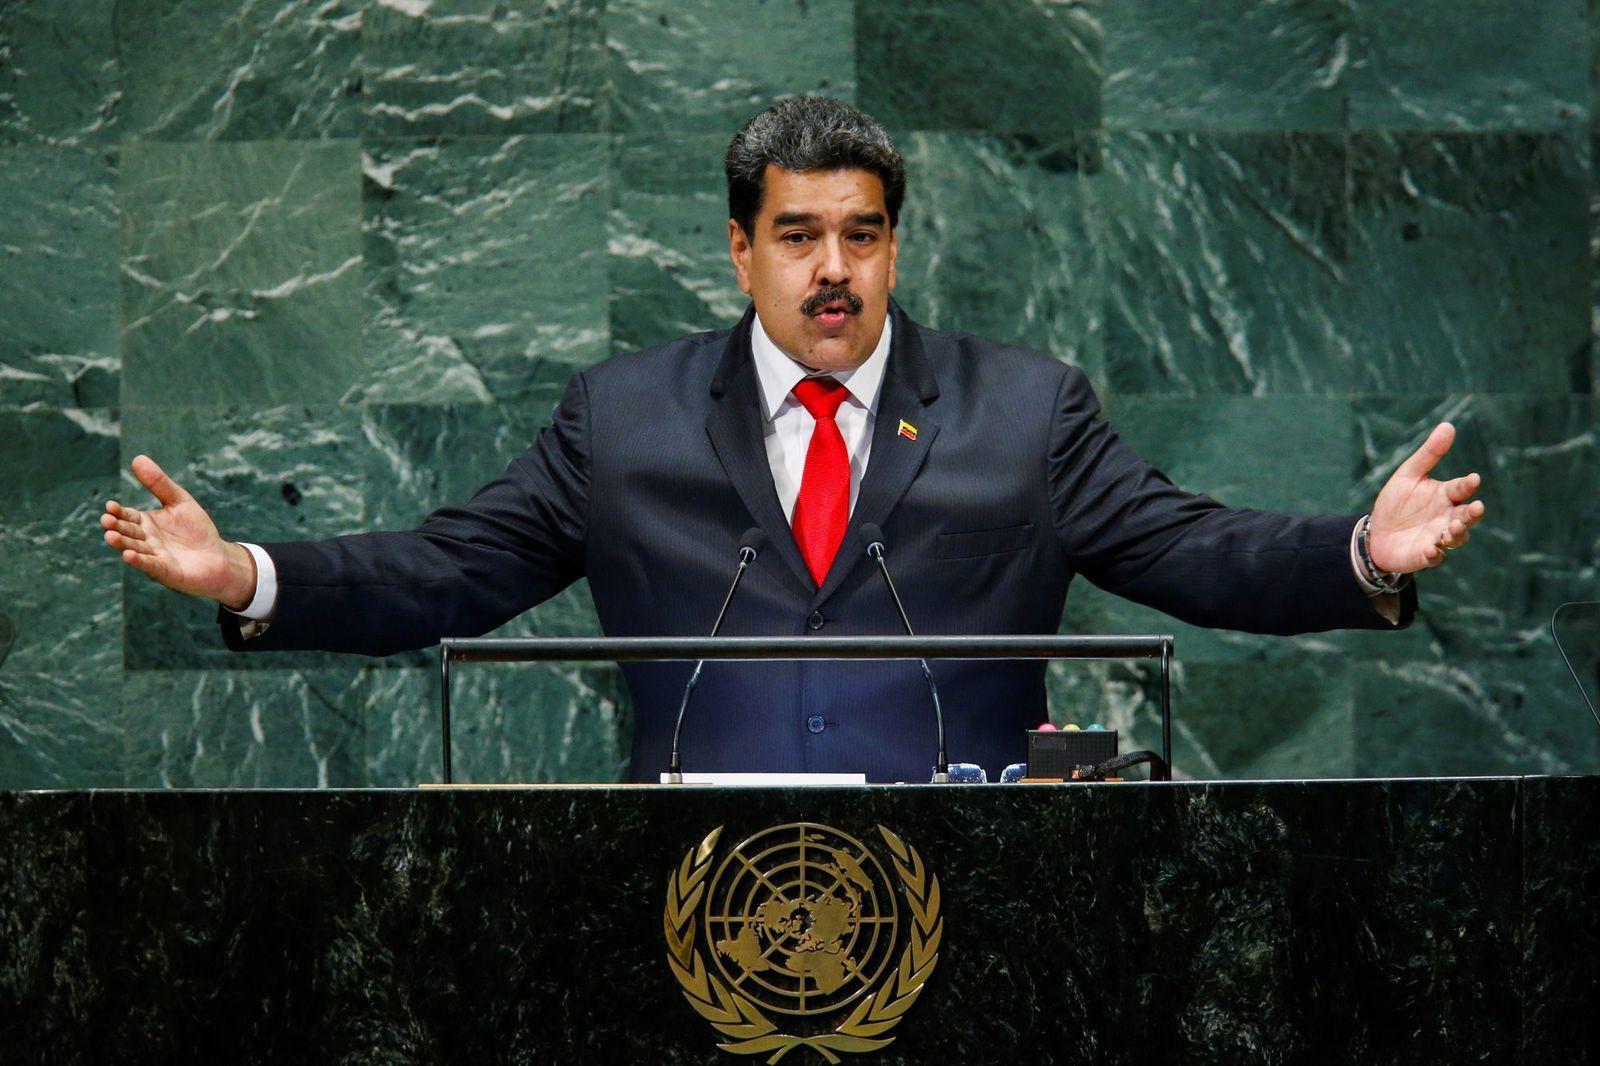 Photo Cortesía @PresidencialVen